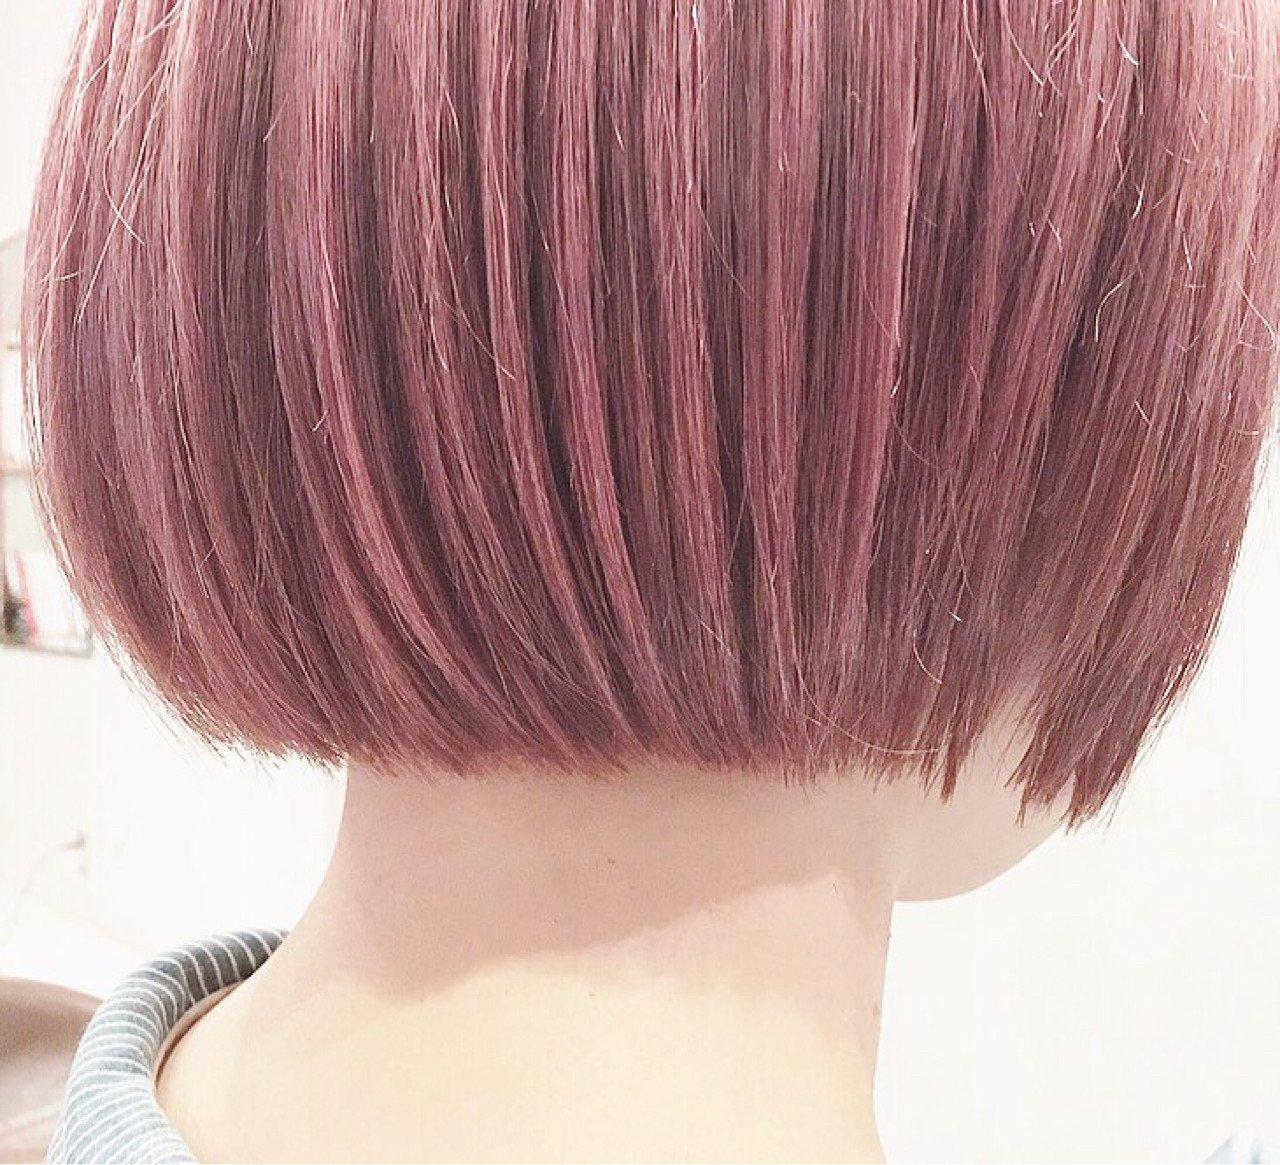 img 5a1a7e894f02d.png?resize=1200,630 - 市販のヘアカラーを上手く使えばとてもオシャレになれる!